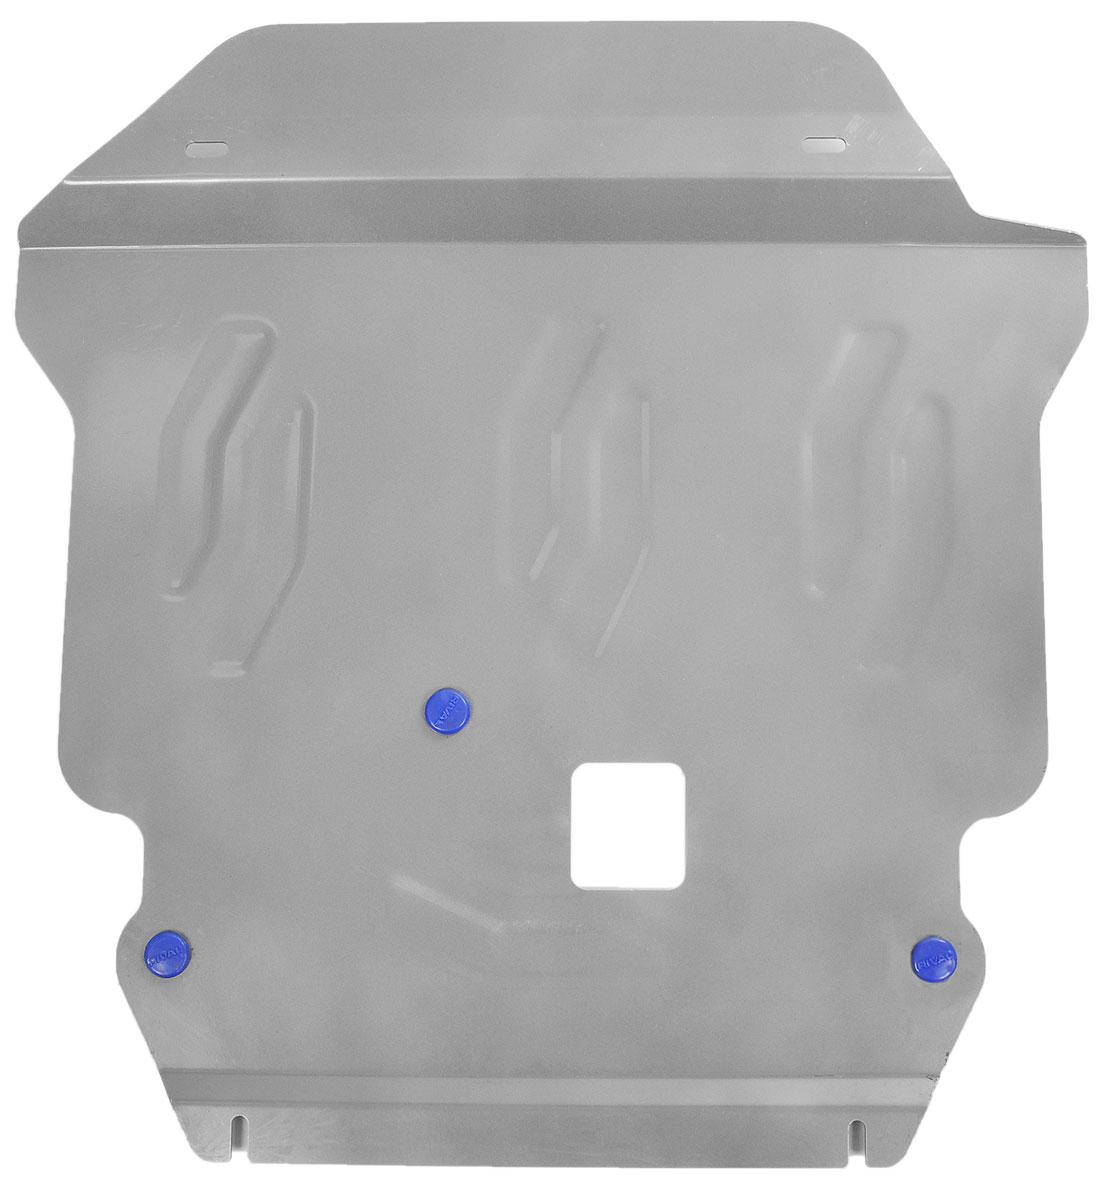 Защита картера и КПП Rival, для Dodge Journey333.1501.1Защита картера и КПП для Dodge Journey , V - 3,6 2007- , крепеж в комплекте, алюминий 4 мм, Rival. Надежно защищают днище вашего автомобиля от повреждений, например при наезде на бордюры, а также выполняют эстетическую функцию при установке на высокие автомобили. - Толщина алюминиевых защит в 2 раза толще стальных, а вес при этом меньше до 30%. - Отлично отводит тепло от двигателя своей поверхностью, что спасает двигатель от перегрева в летний период или при высоких нагрузках. - В отличие от стальных, алюминиевые защиты не поддаются коррозии, что гарантирует срок службы защит более 5 лет. - Покрываются порошковой краской, что надолго сохраняет первоначальный вид новой защиты и защищает от гальванической коррозии. - Глубокий штамп дополнительно усиливает конструкцию защиты. - Подштамповка в местах крепления защищает крепеж от срезания. - Технологические отверстия там, где они необходимы для смены масла и слива...